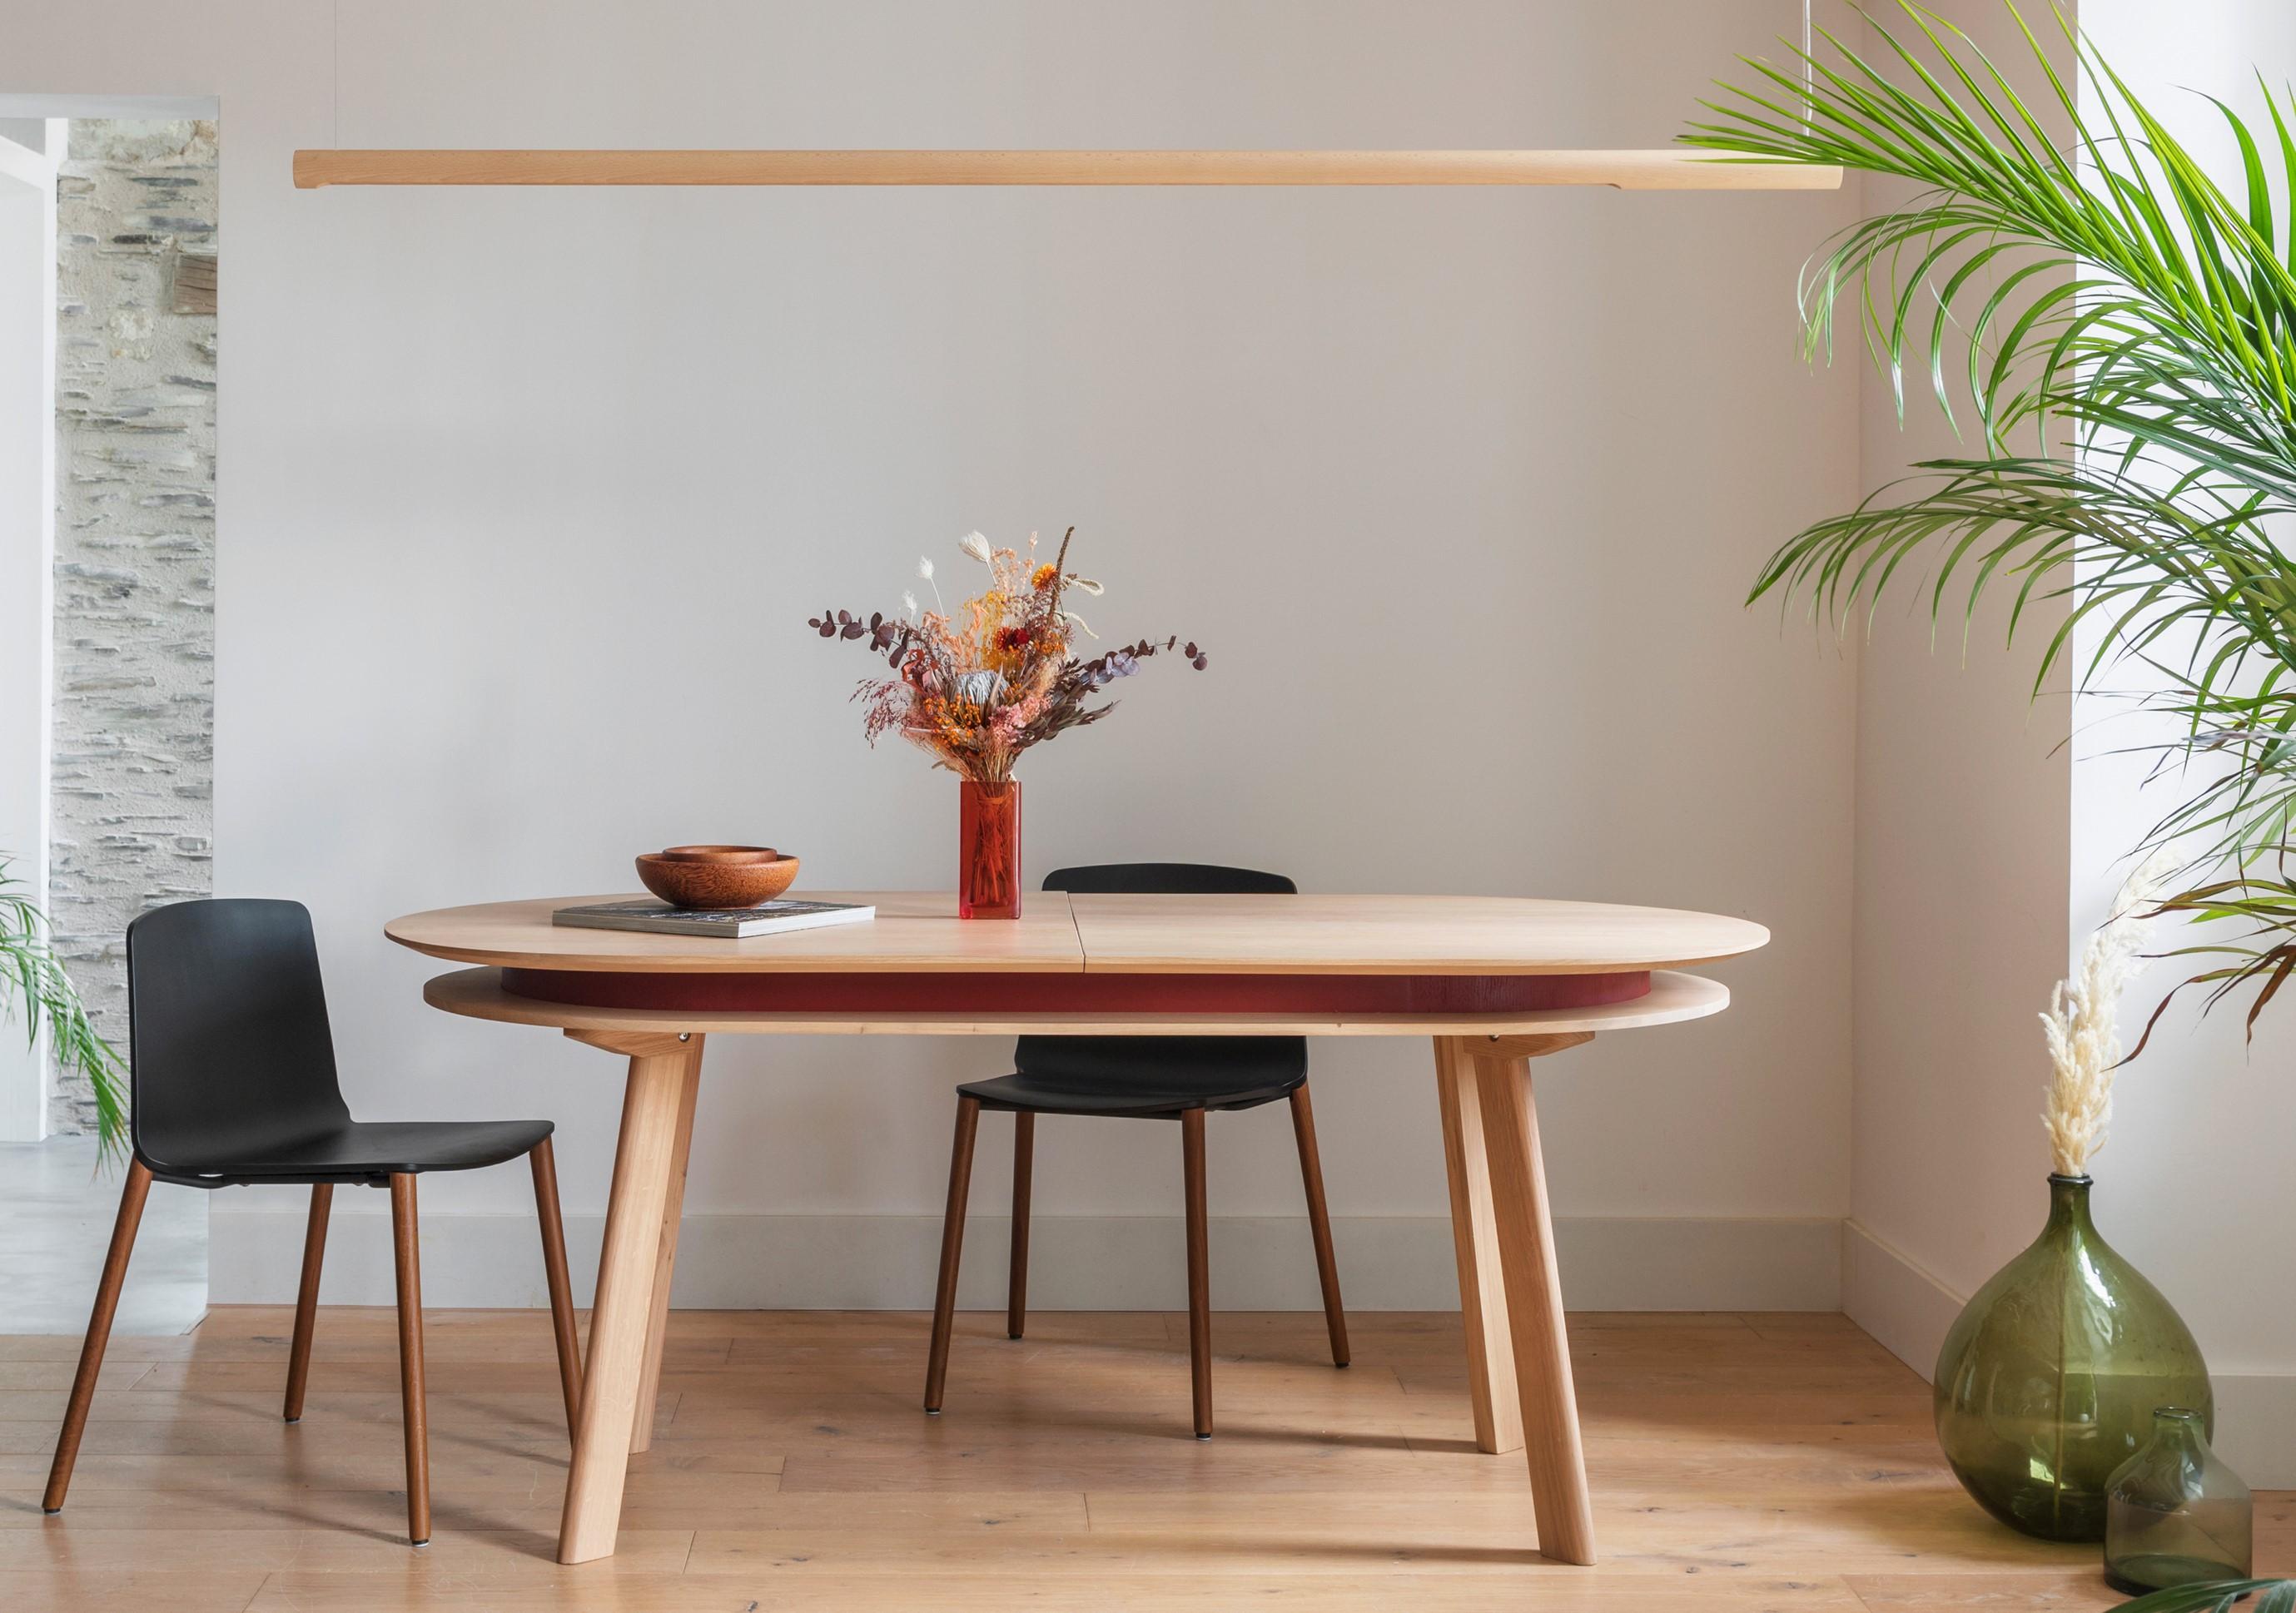 table ovale extensible parati l inatelier design artisanat francais